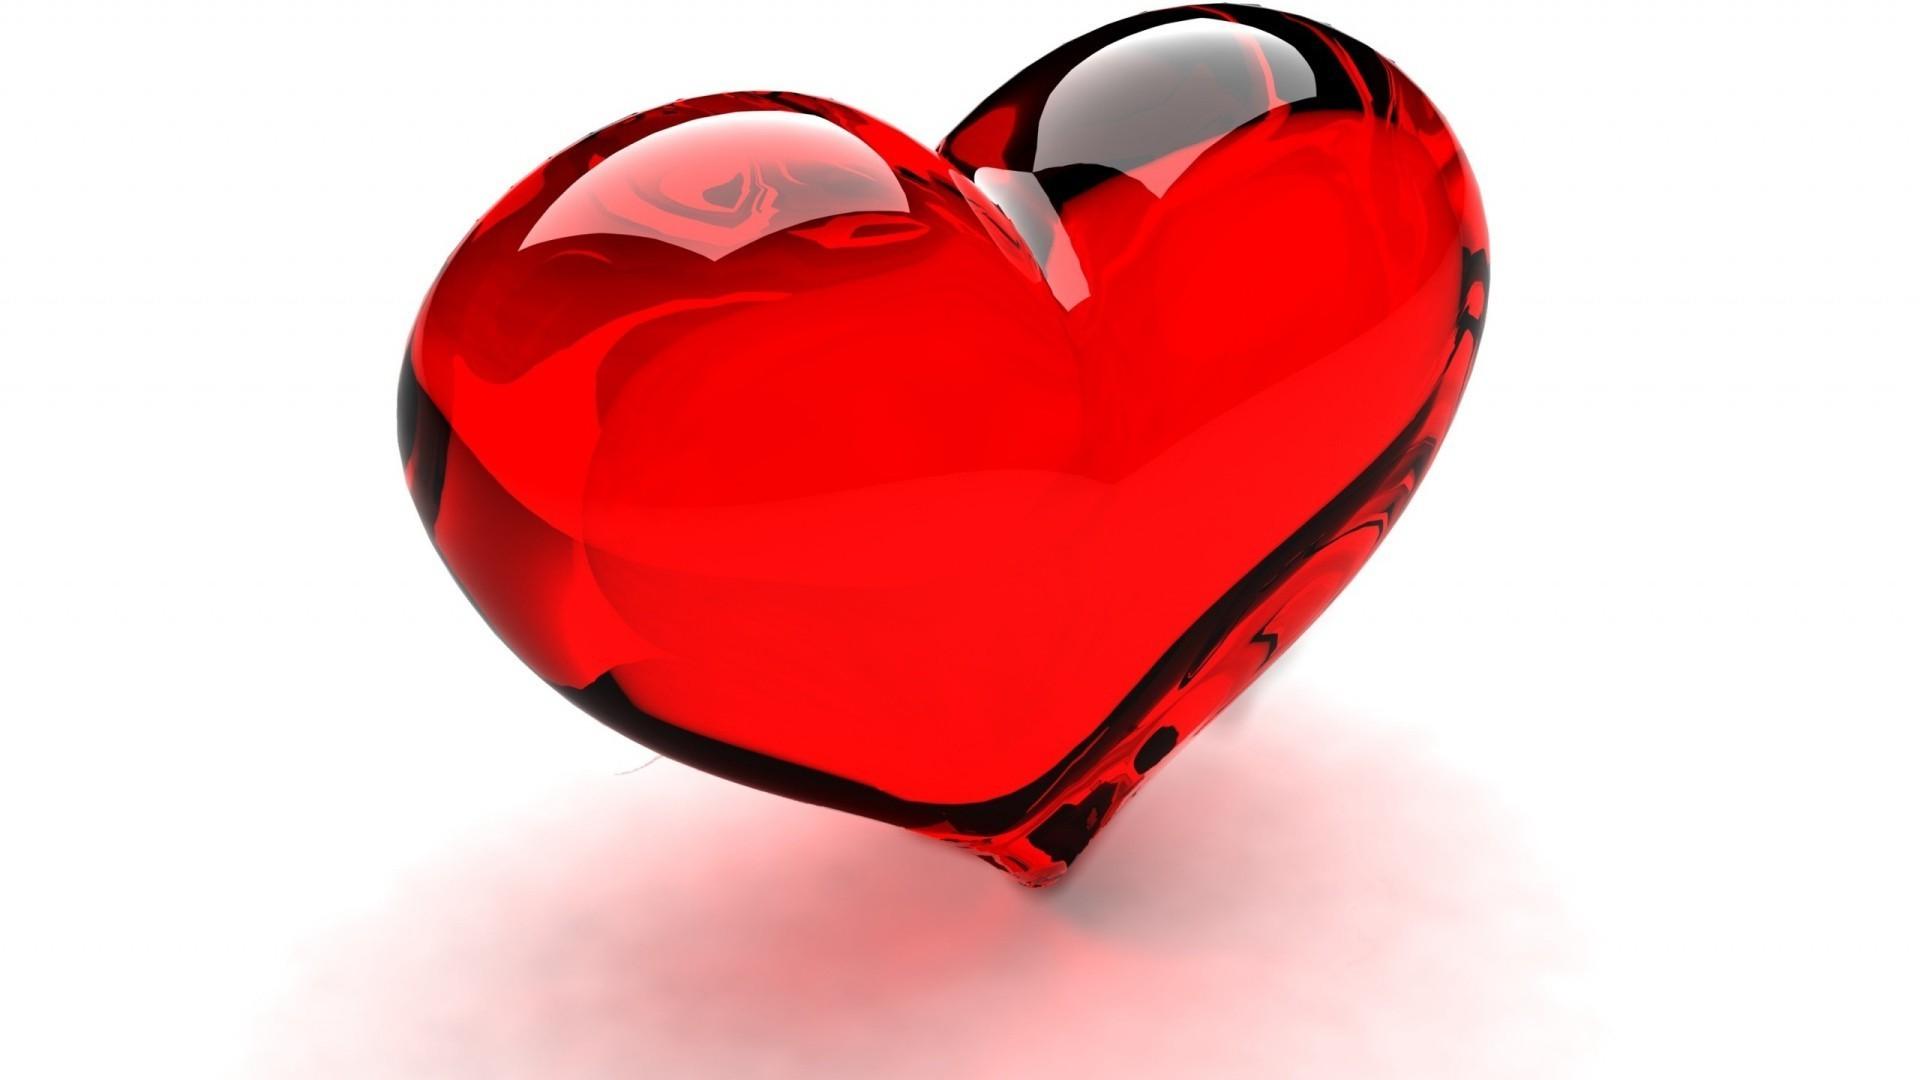 Картинки для сердца, формы земной поверхности